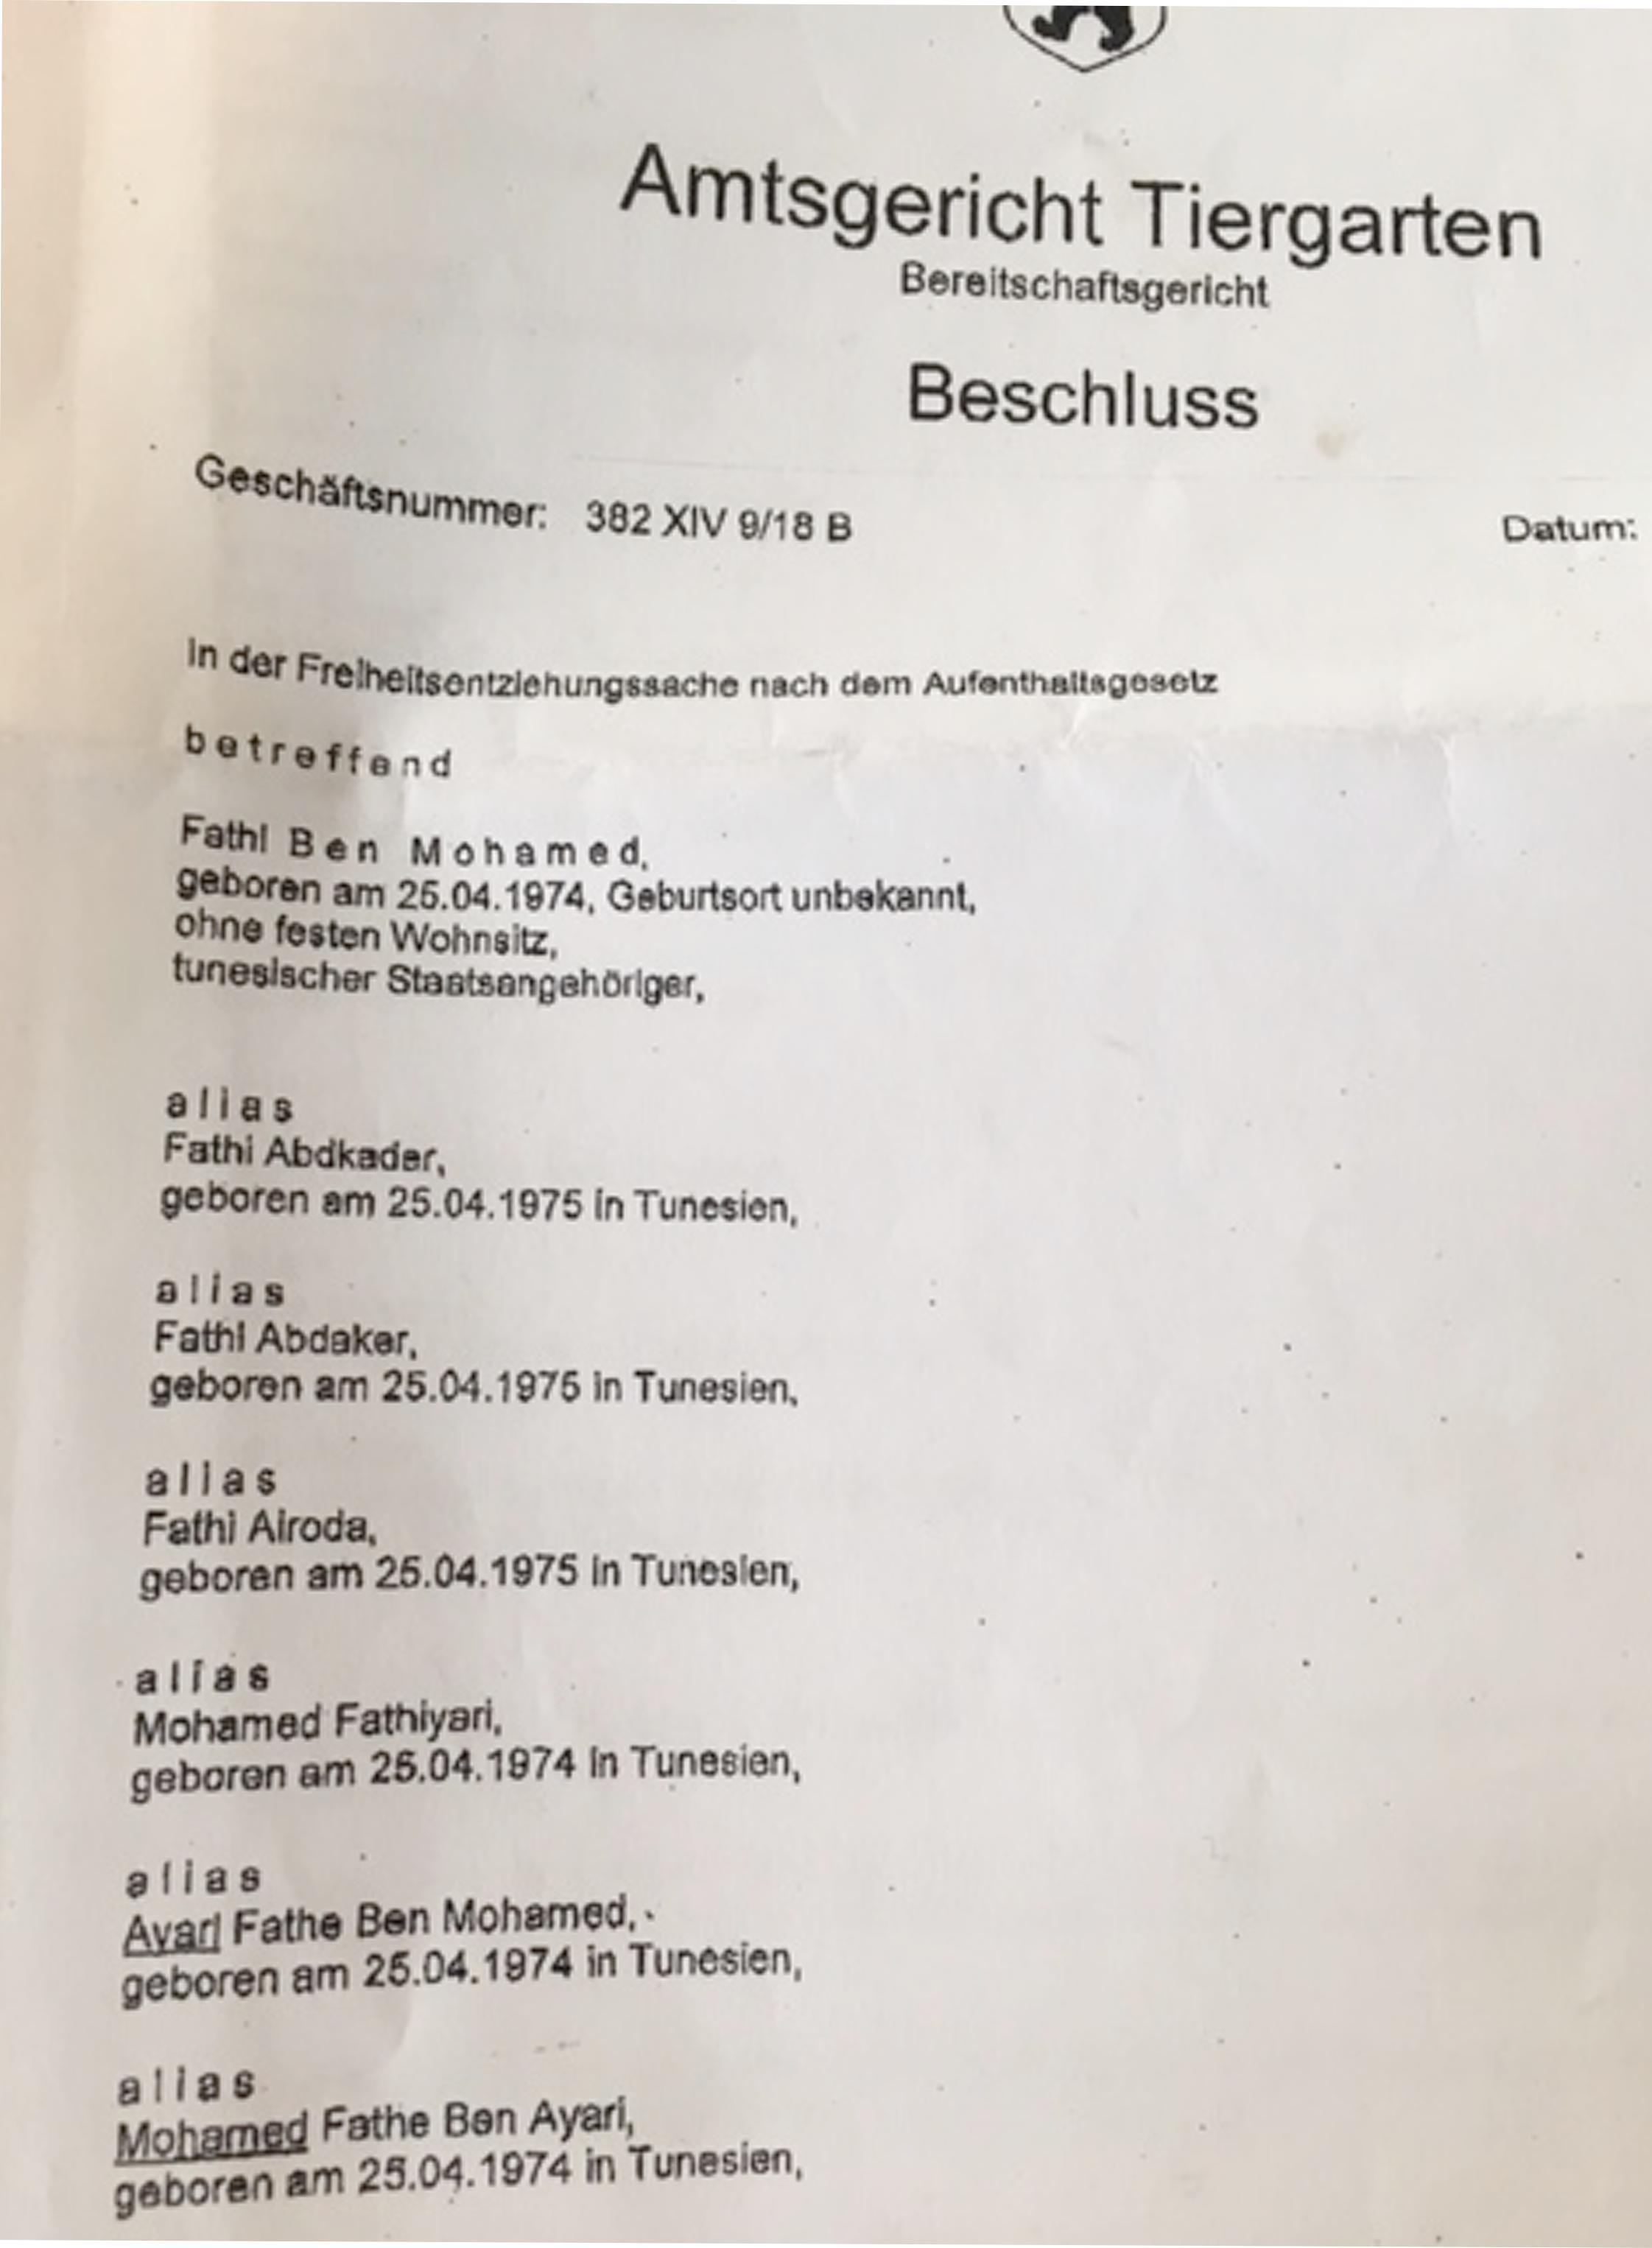 Niedlich Fortsetzungsformat Für Automatisierungstests Ideen - Entry ...